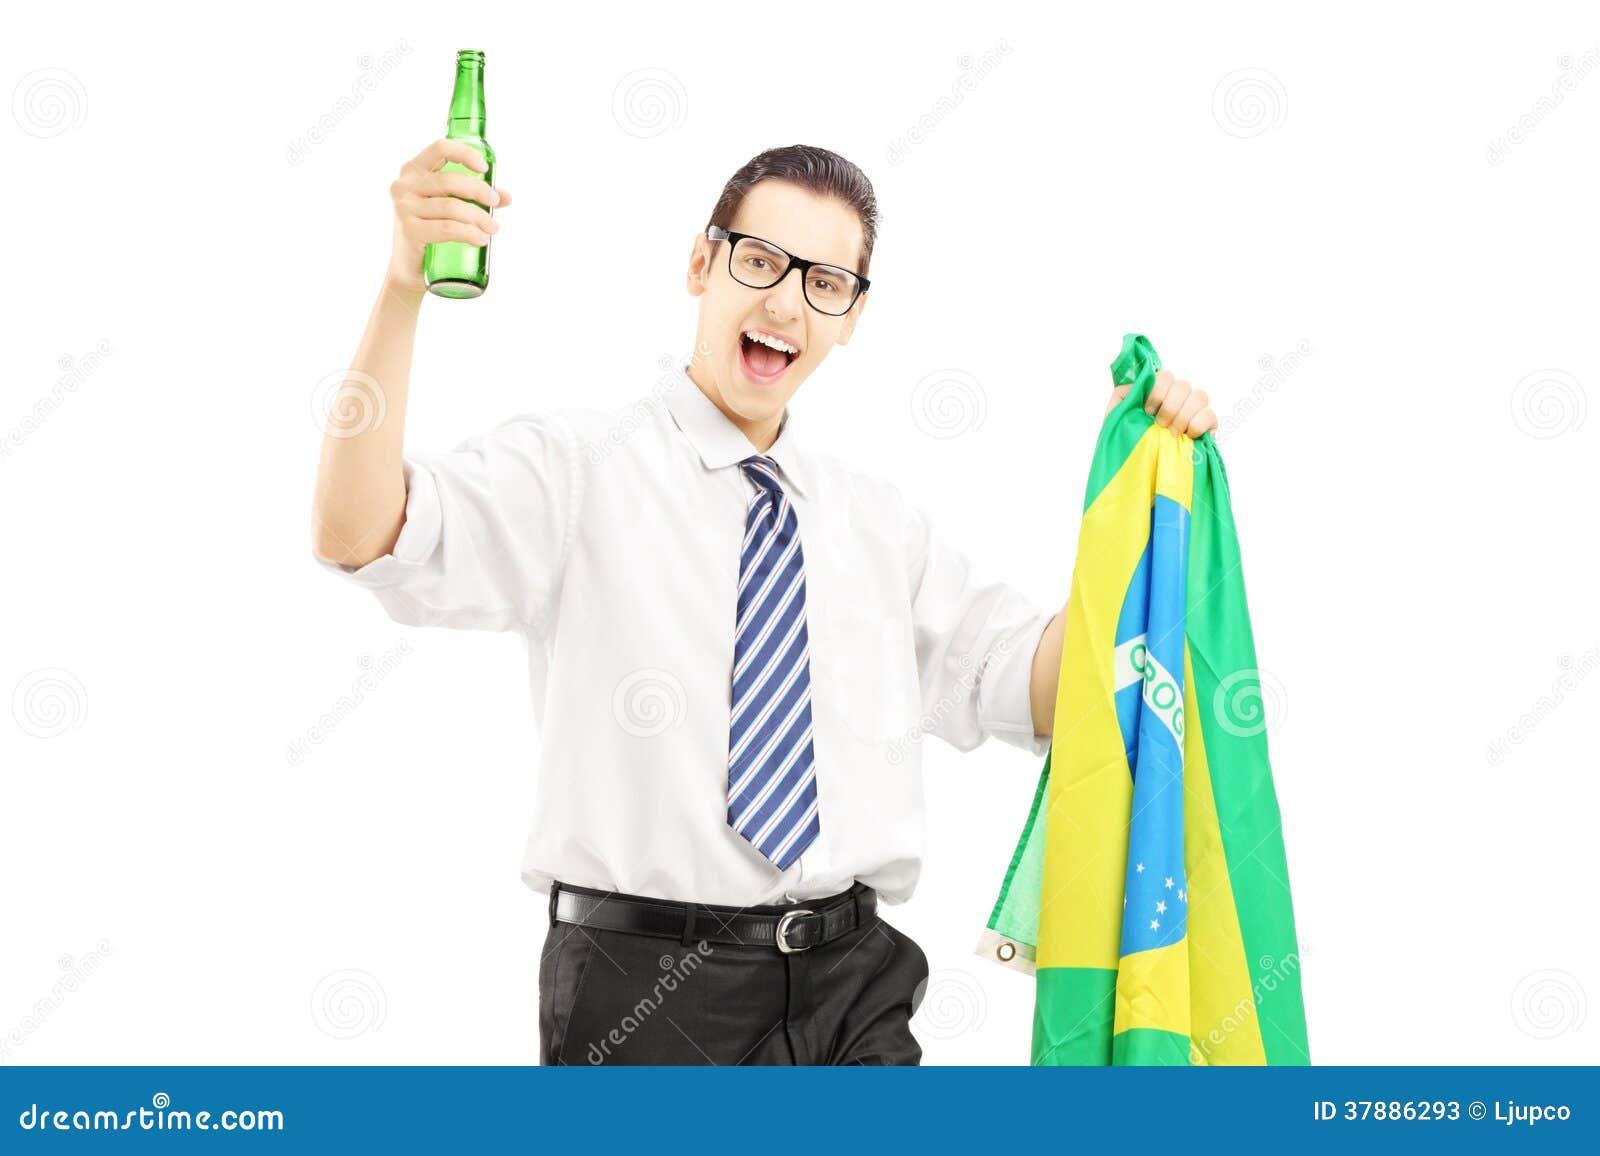 Opgewekt mannetje met bierfles en Braziliaanse vlag